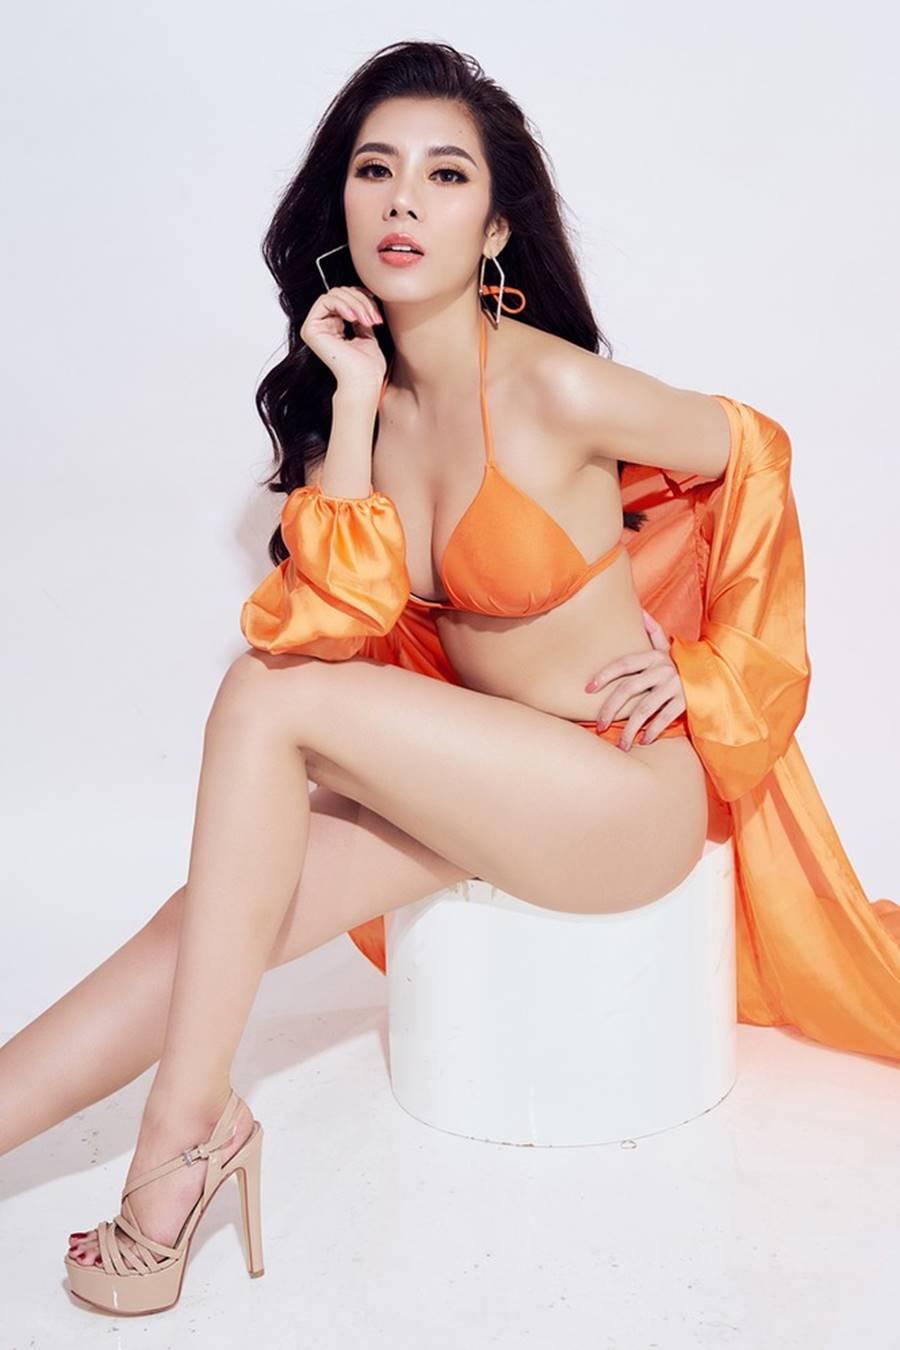 Đại diện Việt Nam tại Hoa hậu Du lịch thế giới 2019 nóng bỏng mắt với bikini-9